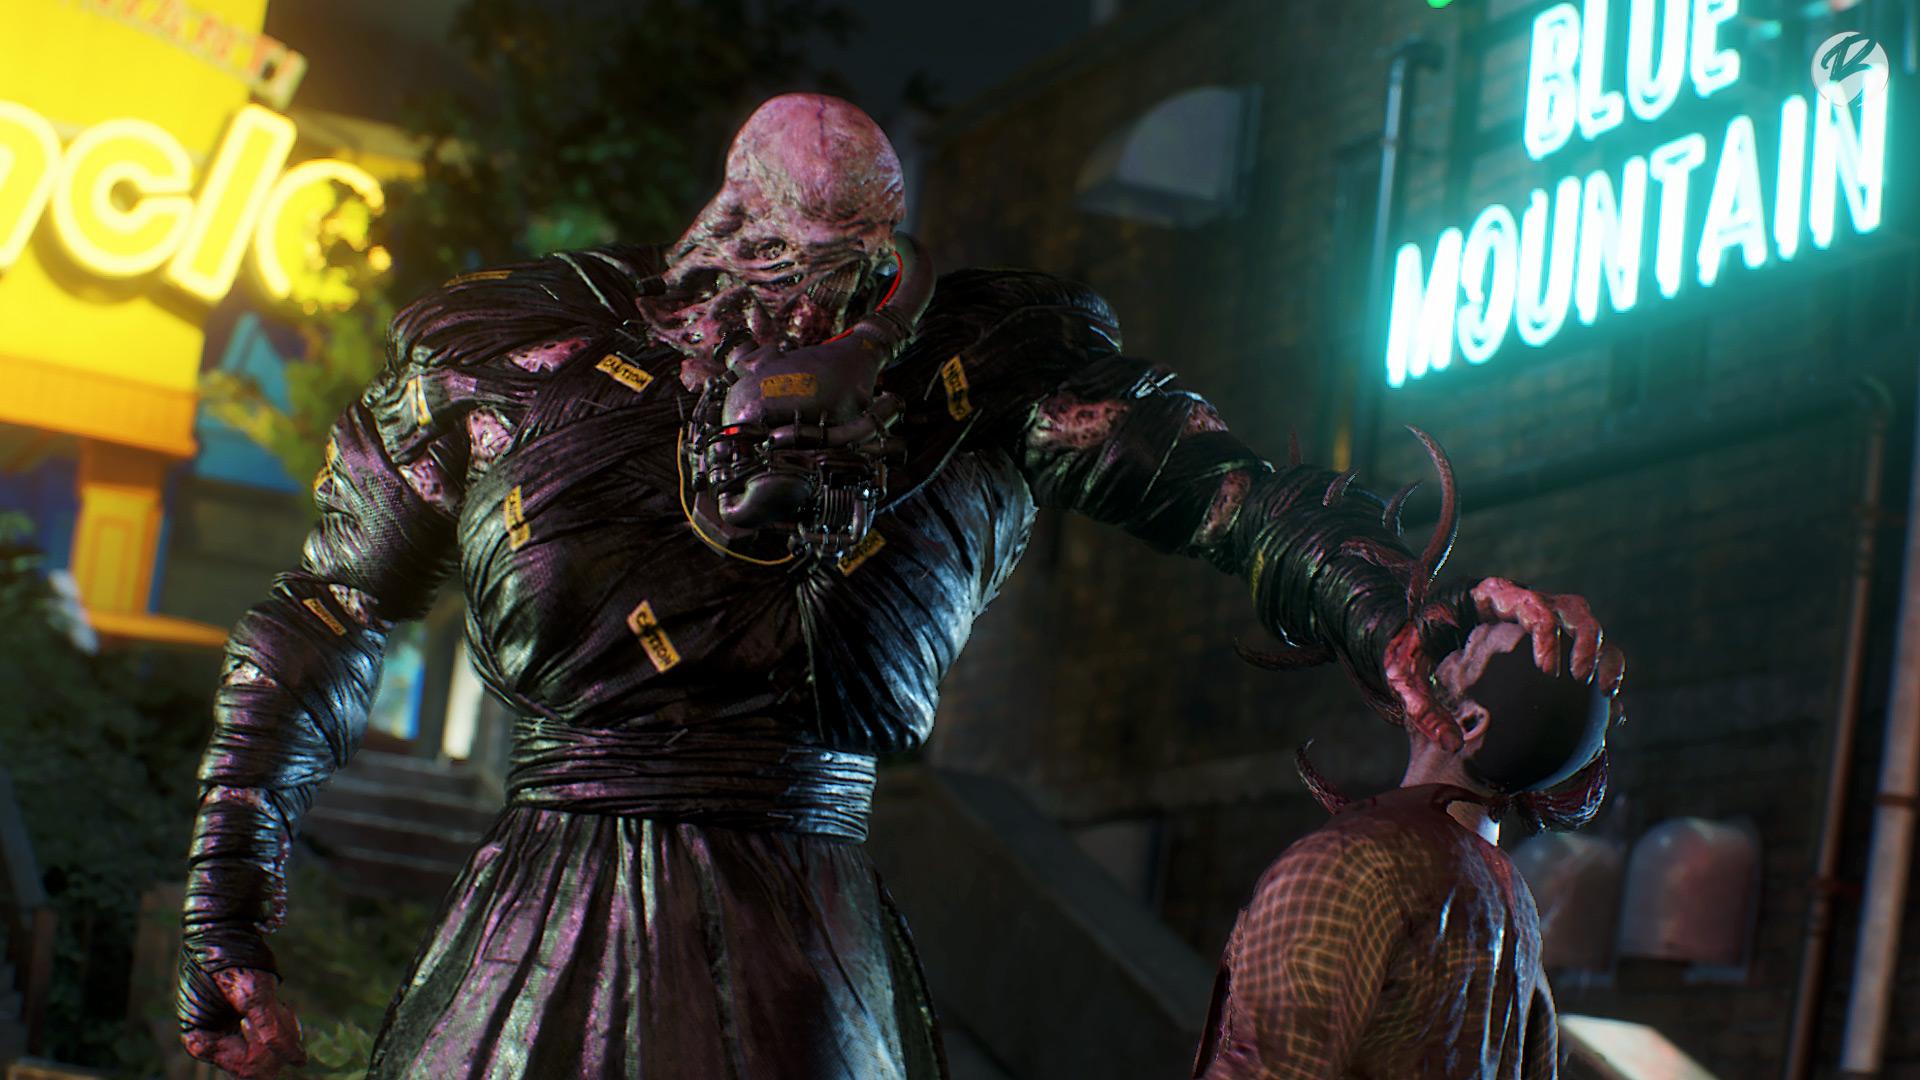 RESIDENT EVIL 3 (Remake) - Mit Nemesis Hilfe mutieren die Zombies zu noch bösartigeren Untoten.